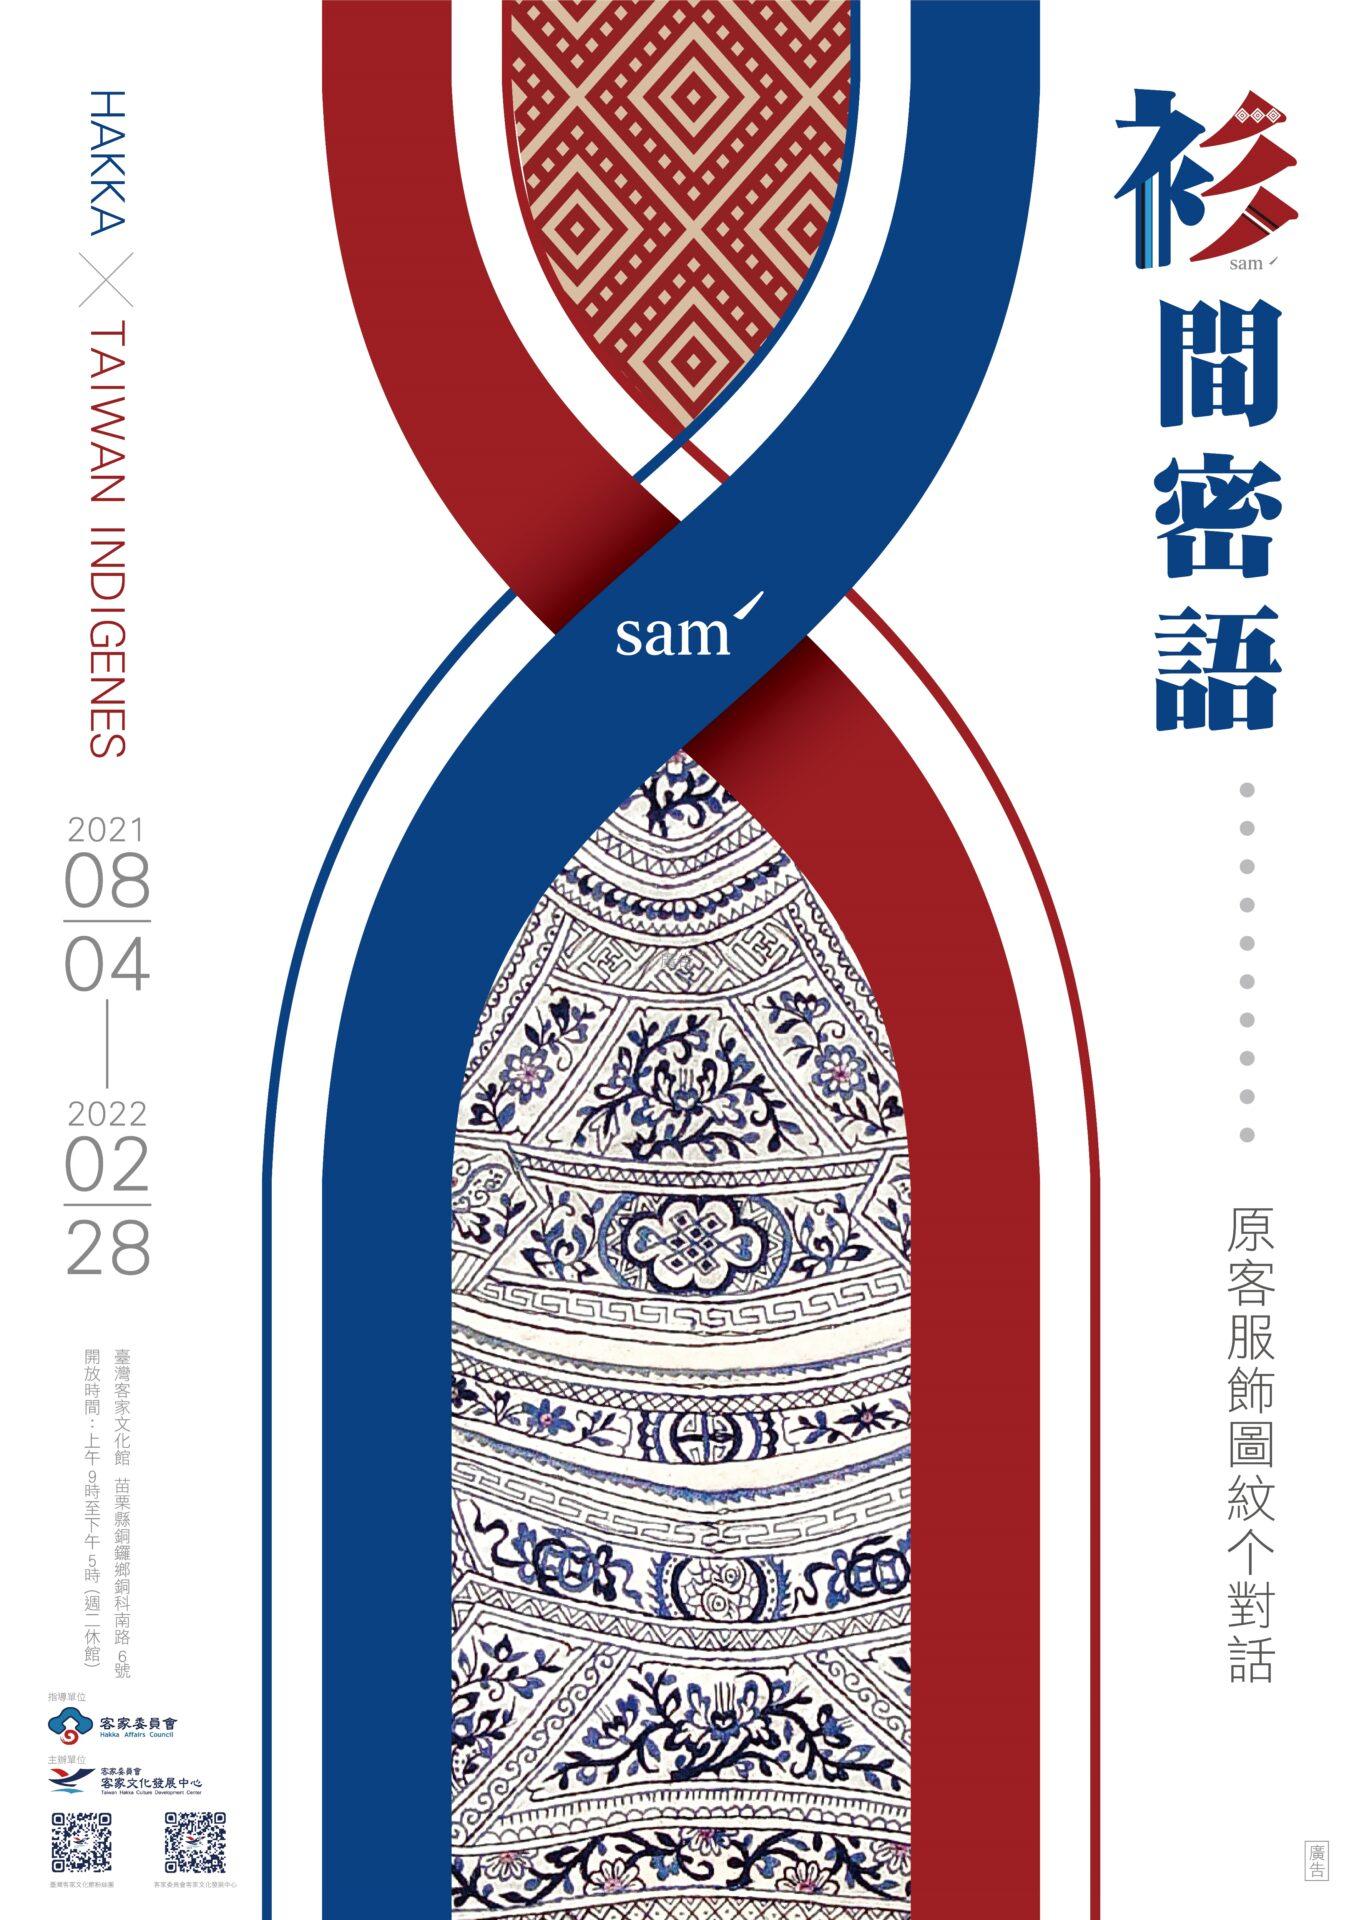 臺灣客家文化館:2021/8/4-2022/2/28【衫間密語:原客服飾圖紋个對話】特展